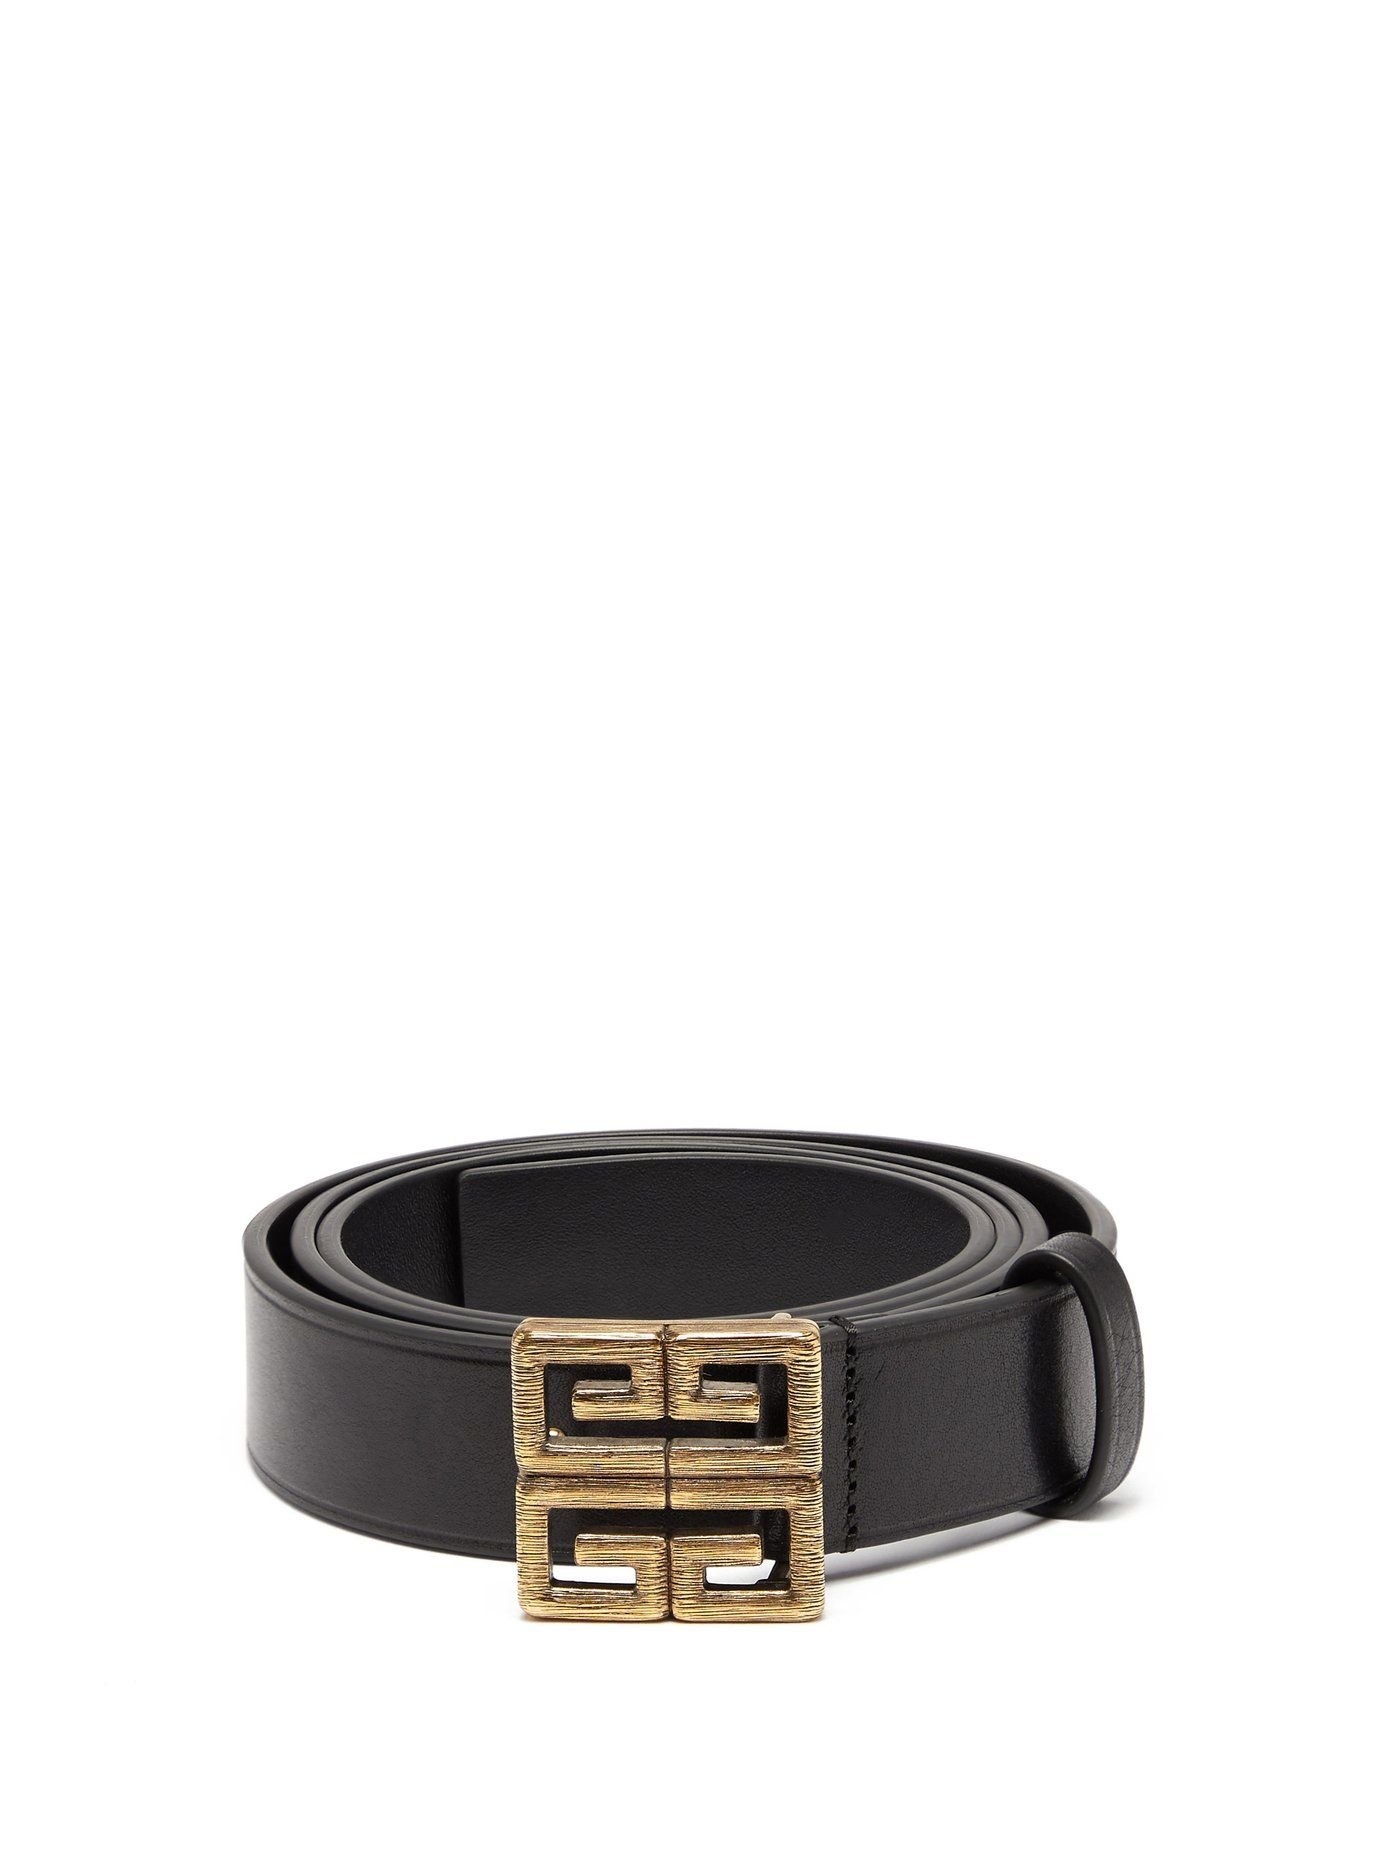 Pin by GTL on Fashion news   Belt, Fendi, Reversible belt e49dd5bdd60